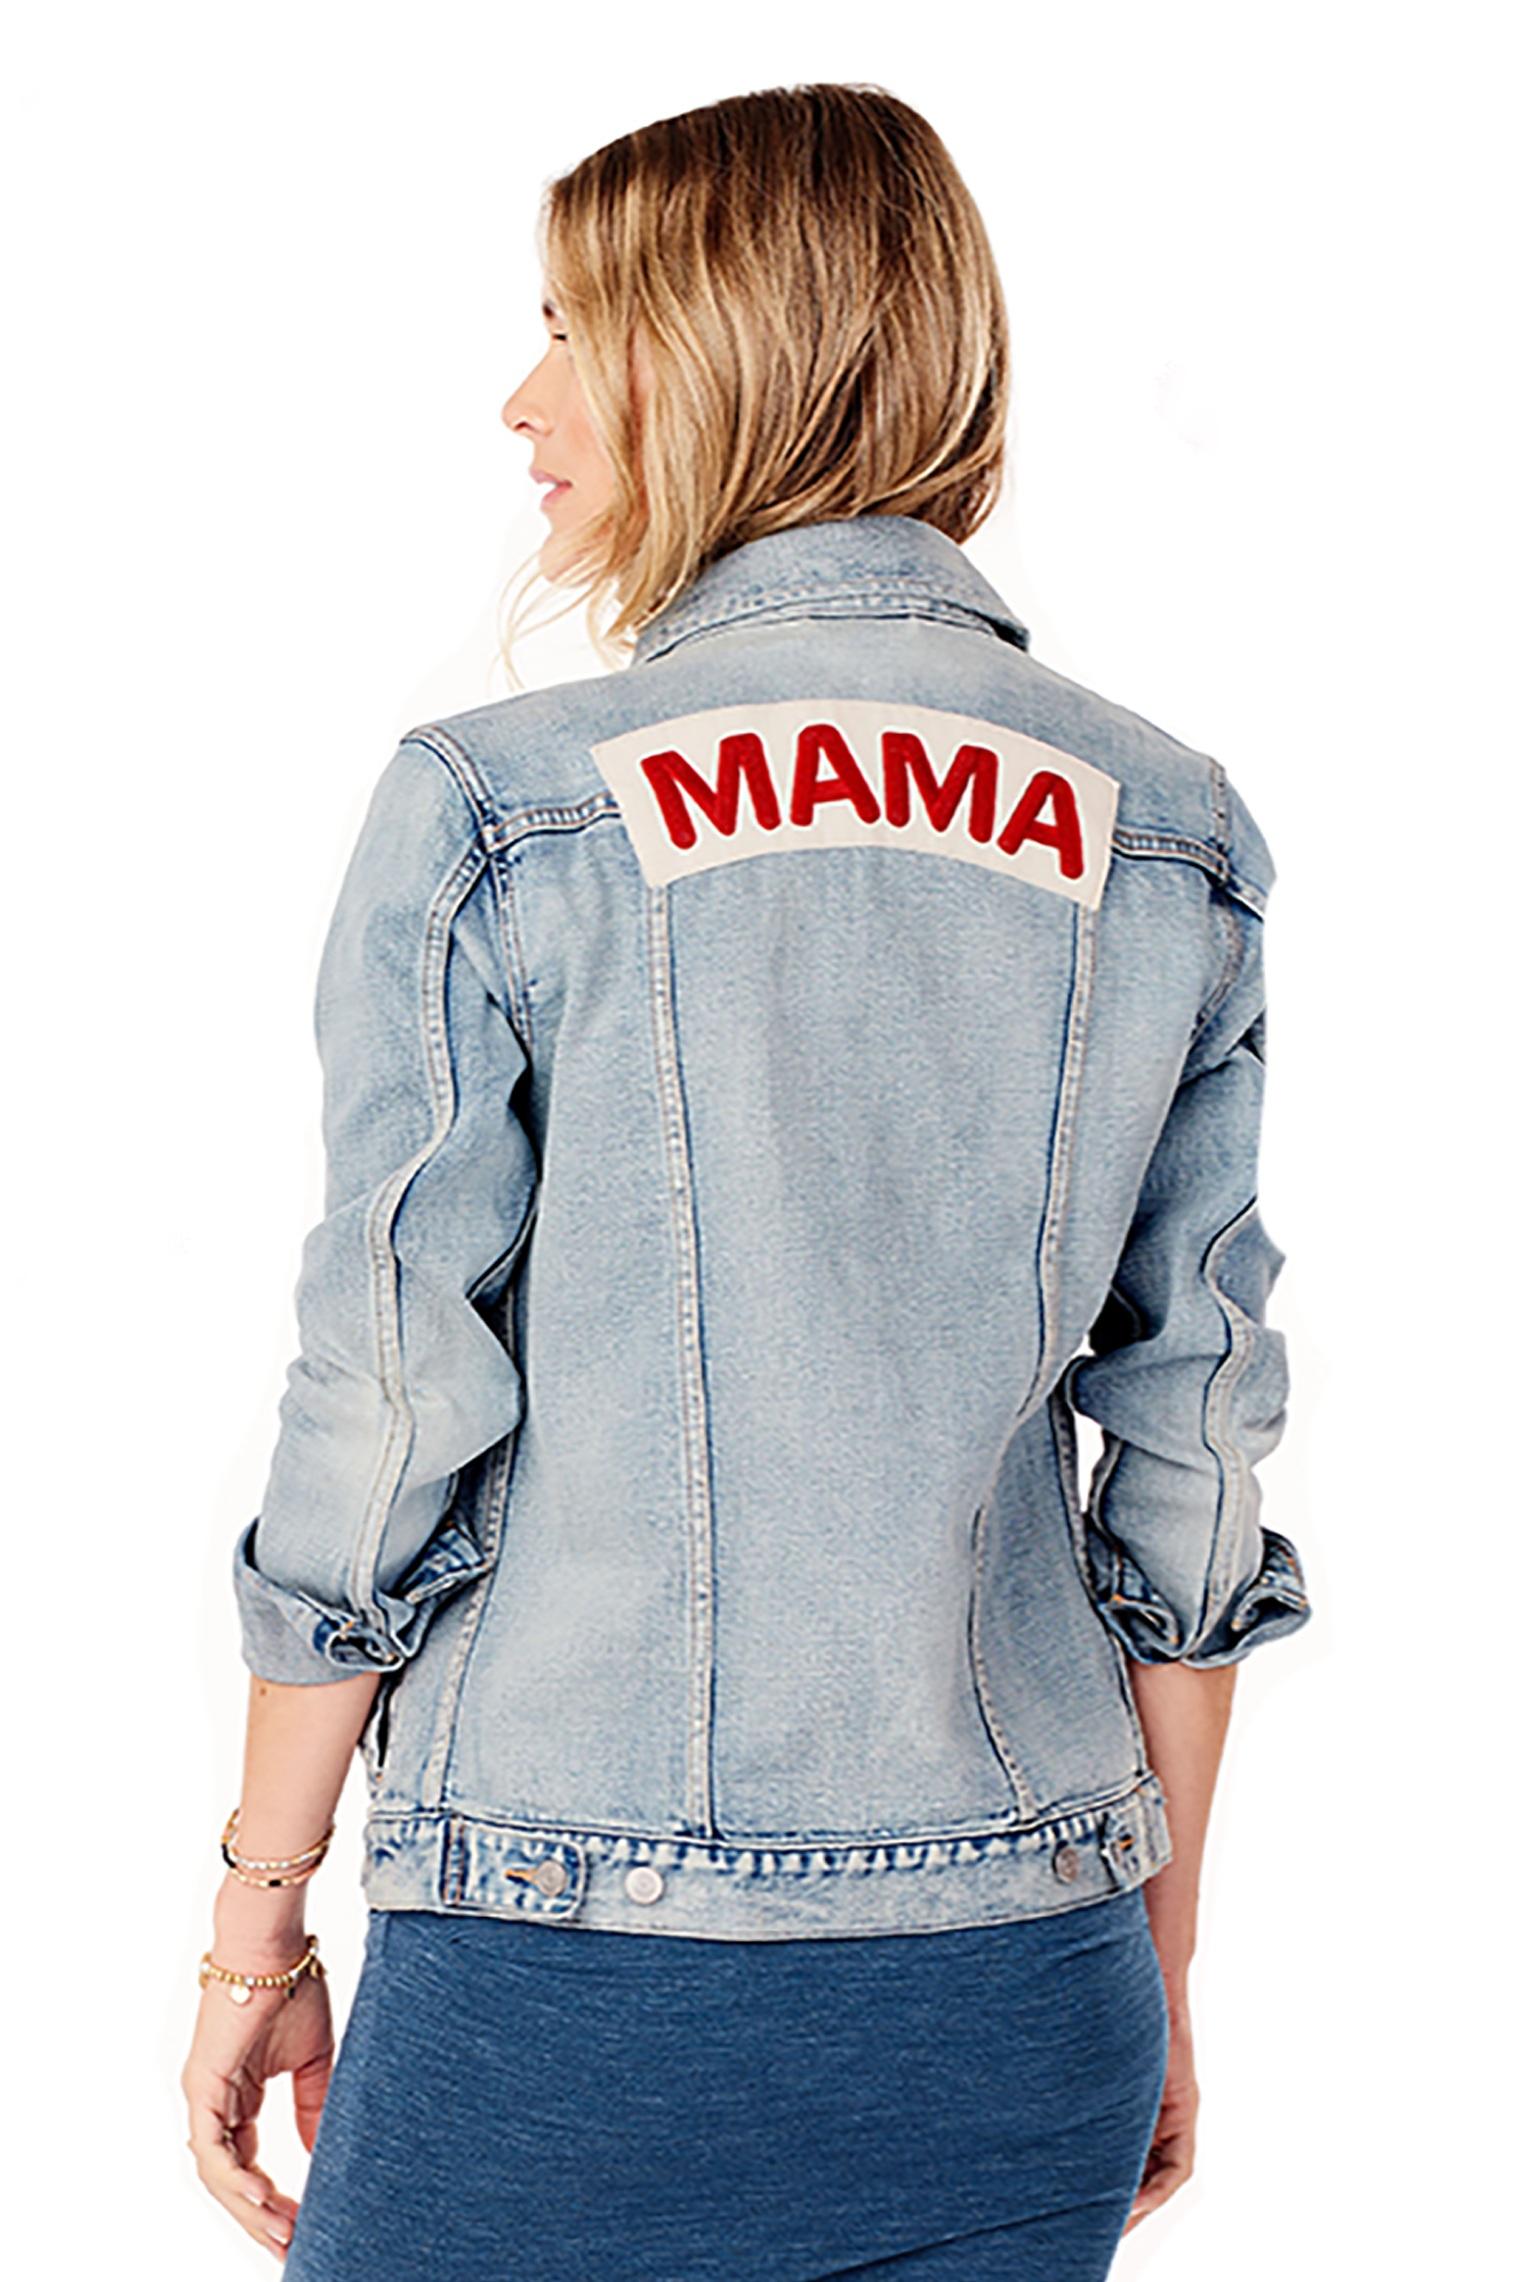 MamaJacket.jpg